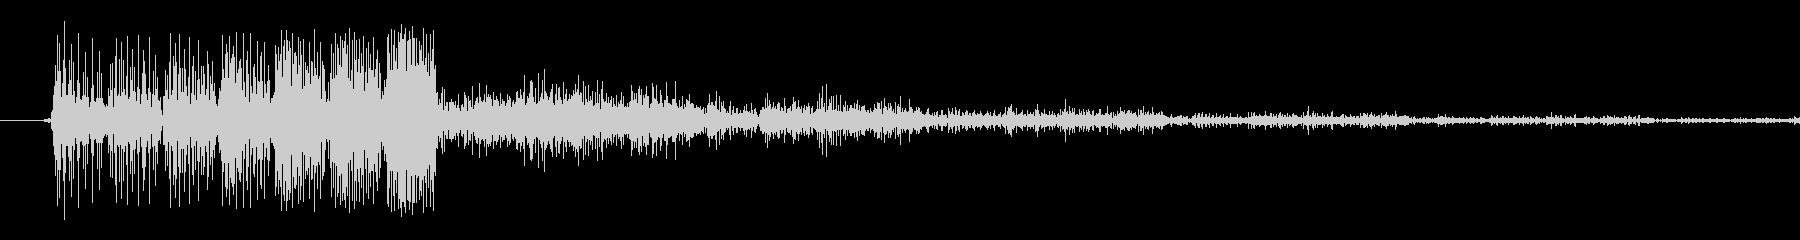 キュルリンという音 パワーアップアイテ…の未再生の波形